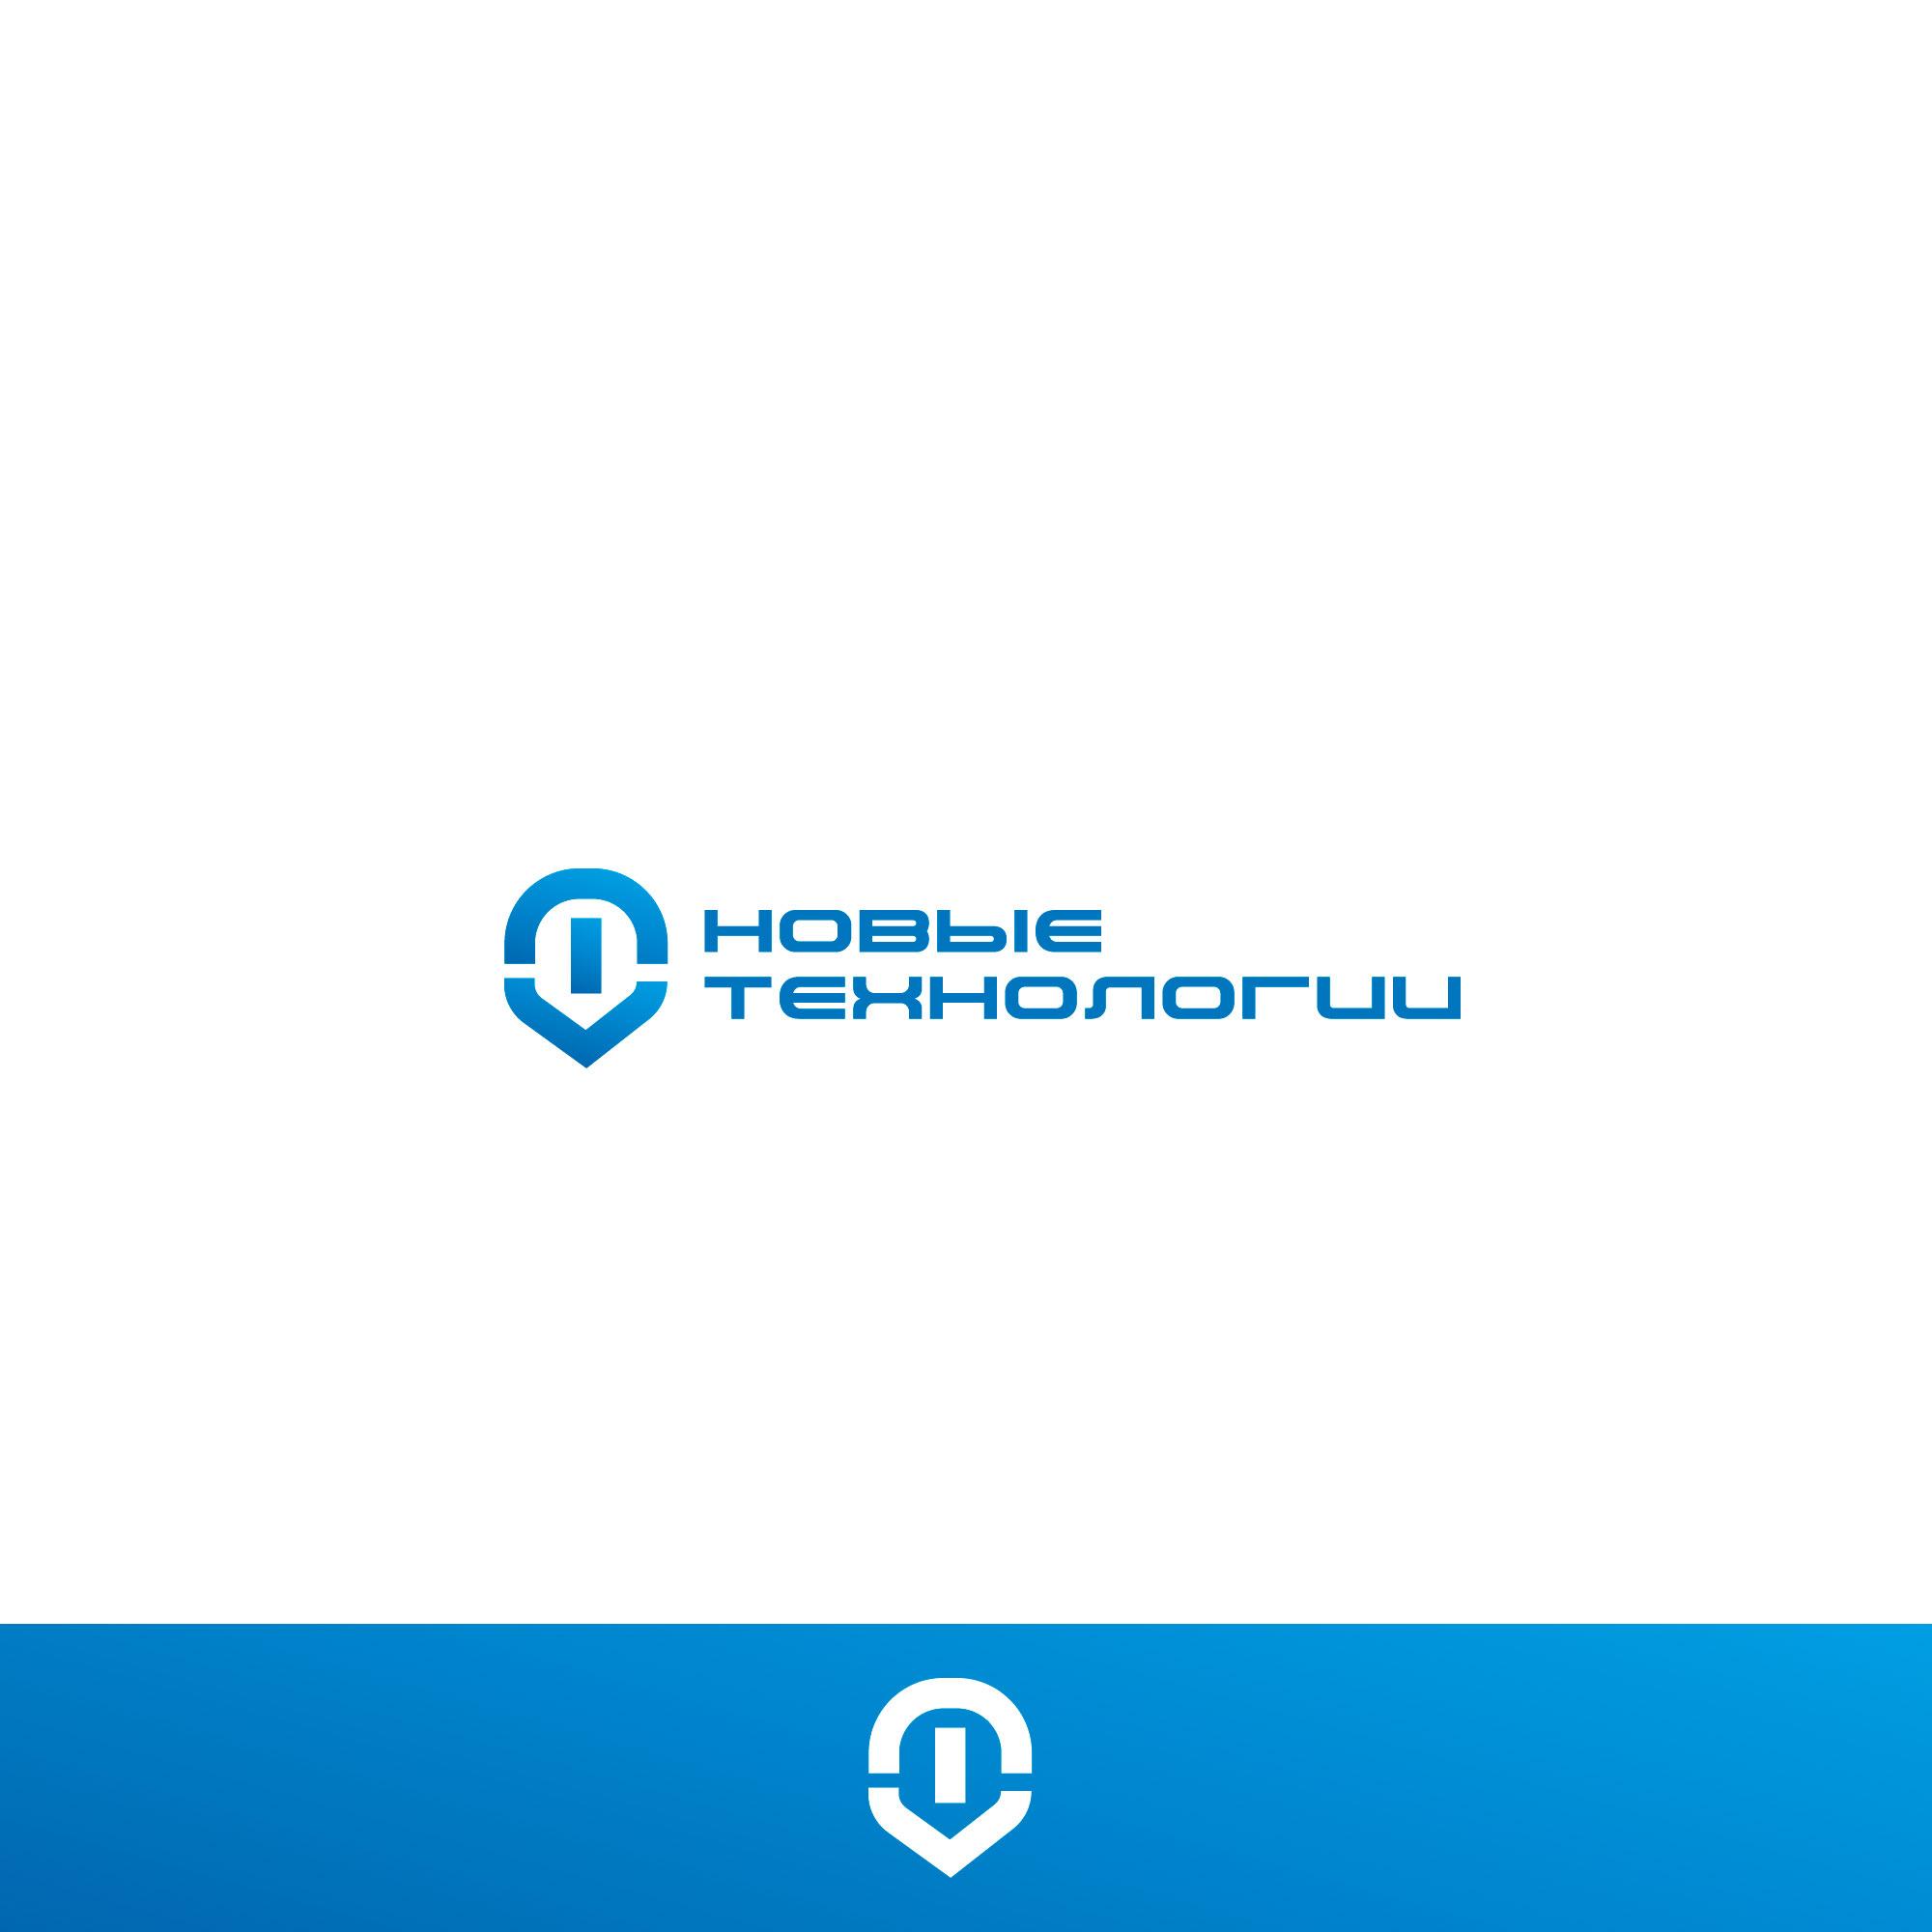 Разработка логотипа и фирменного стиля фото f_1695e6f82f4bc45e.jpg